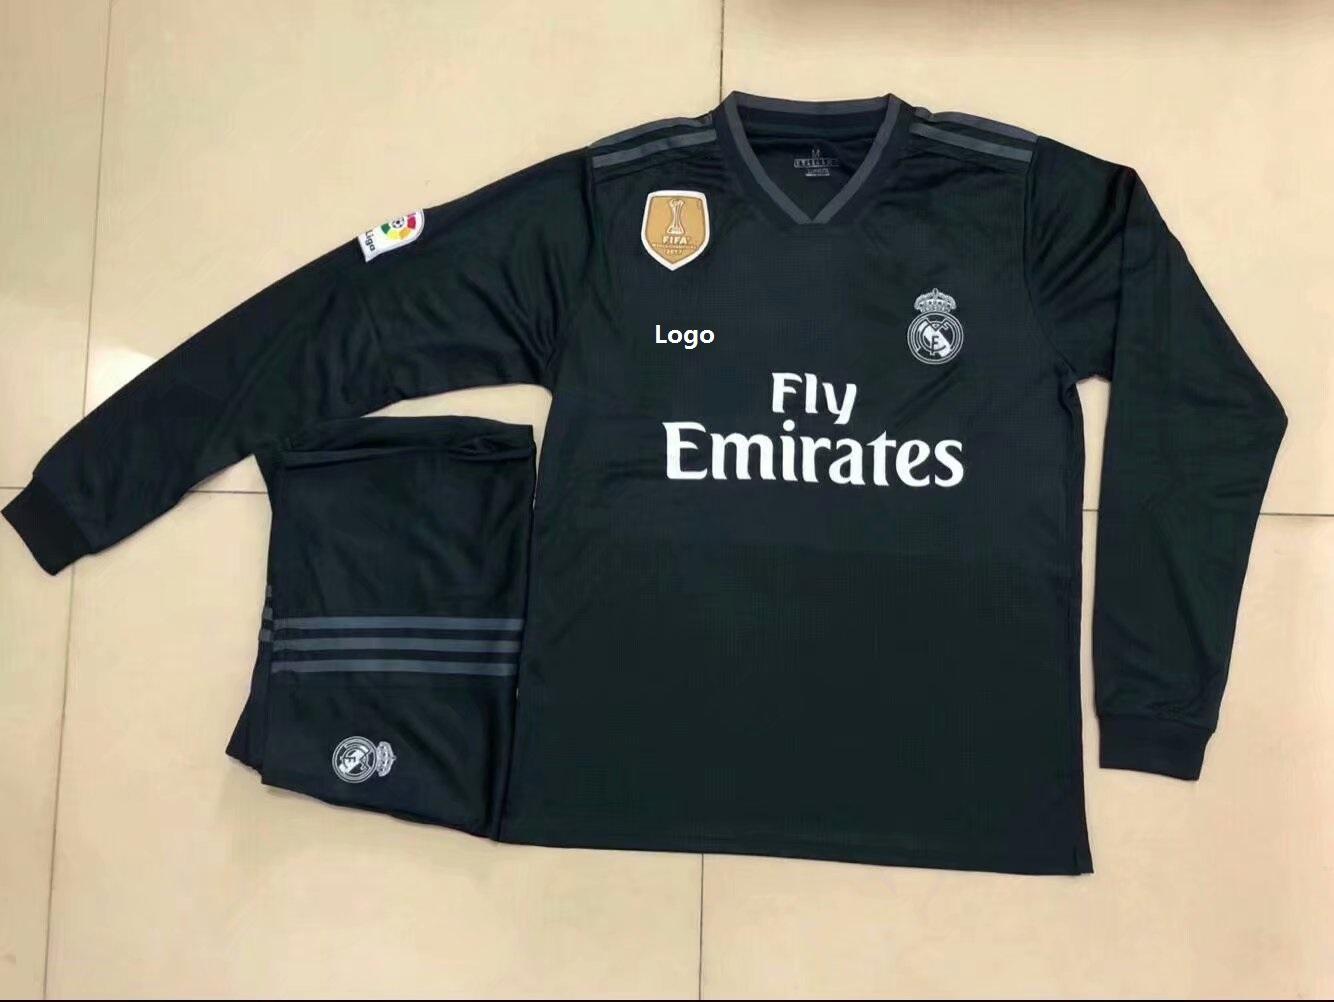 260ea5bbdb9 18 19 Adult Real Madrid Black Long Sleeve Soccer Jerseys Winter Sport  Training Football Uniforms